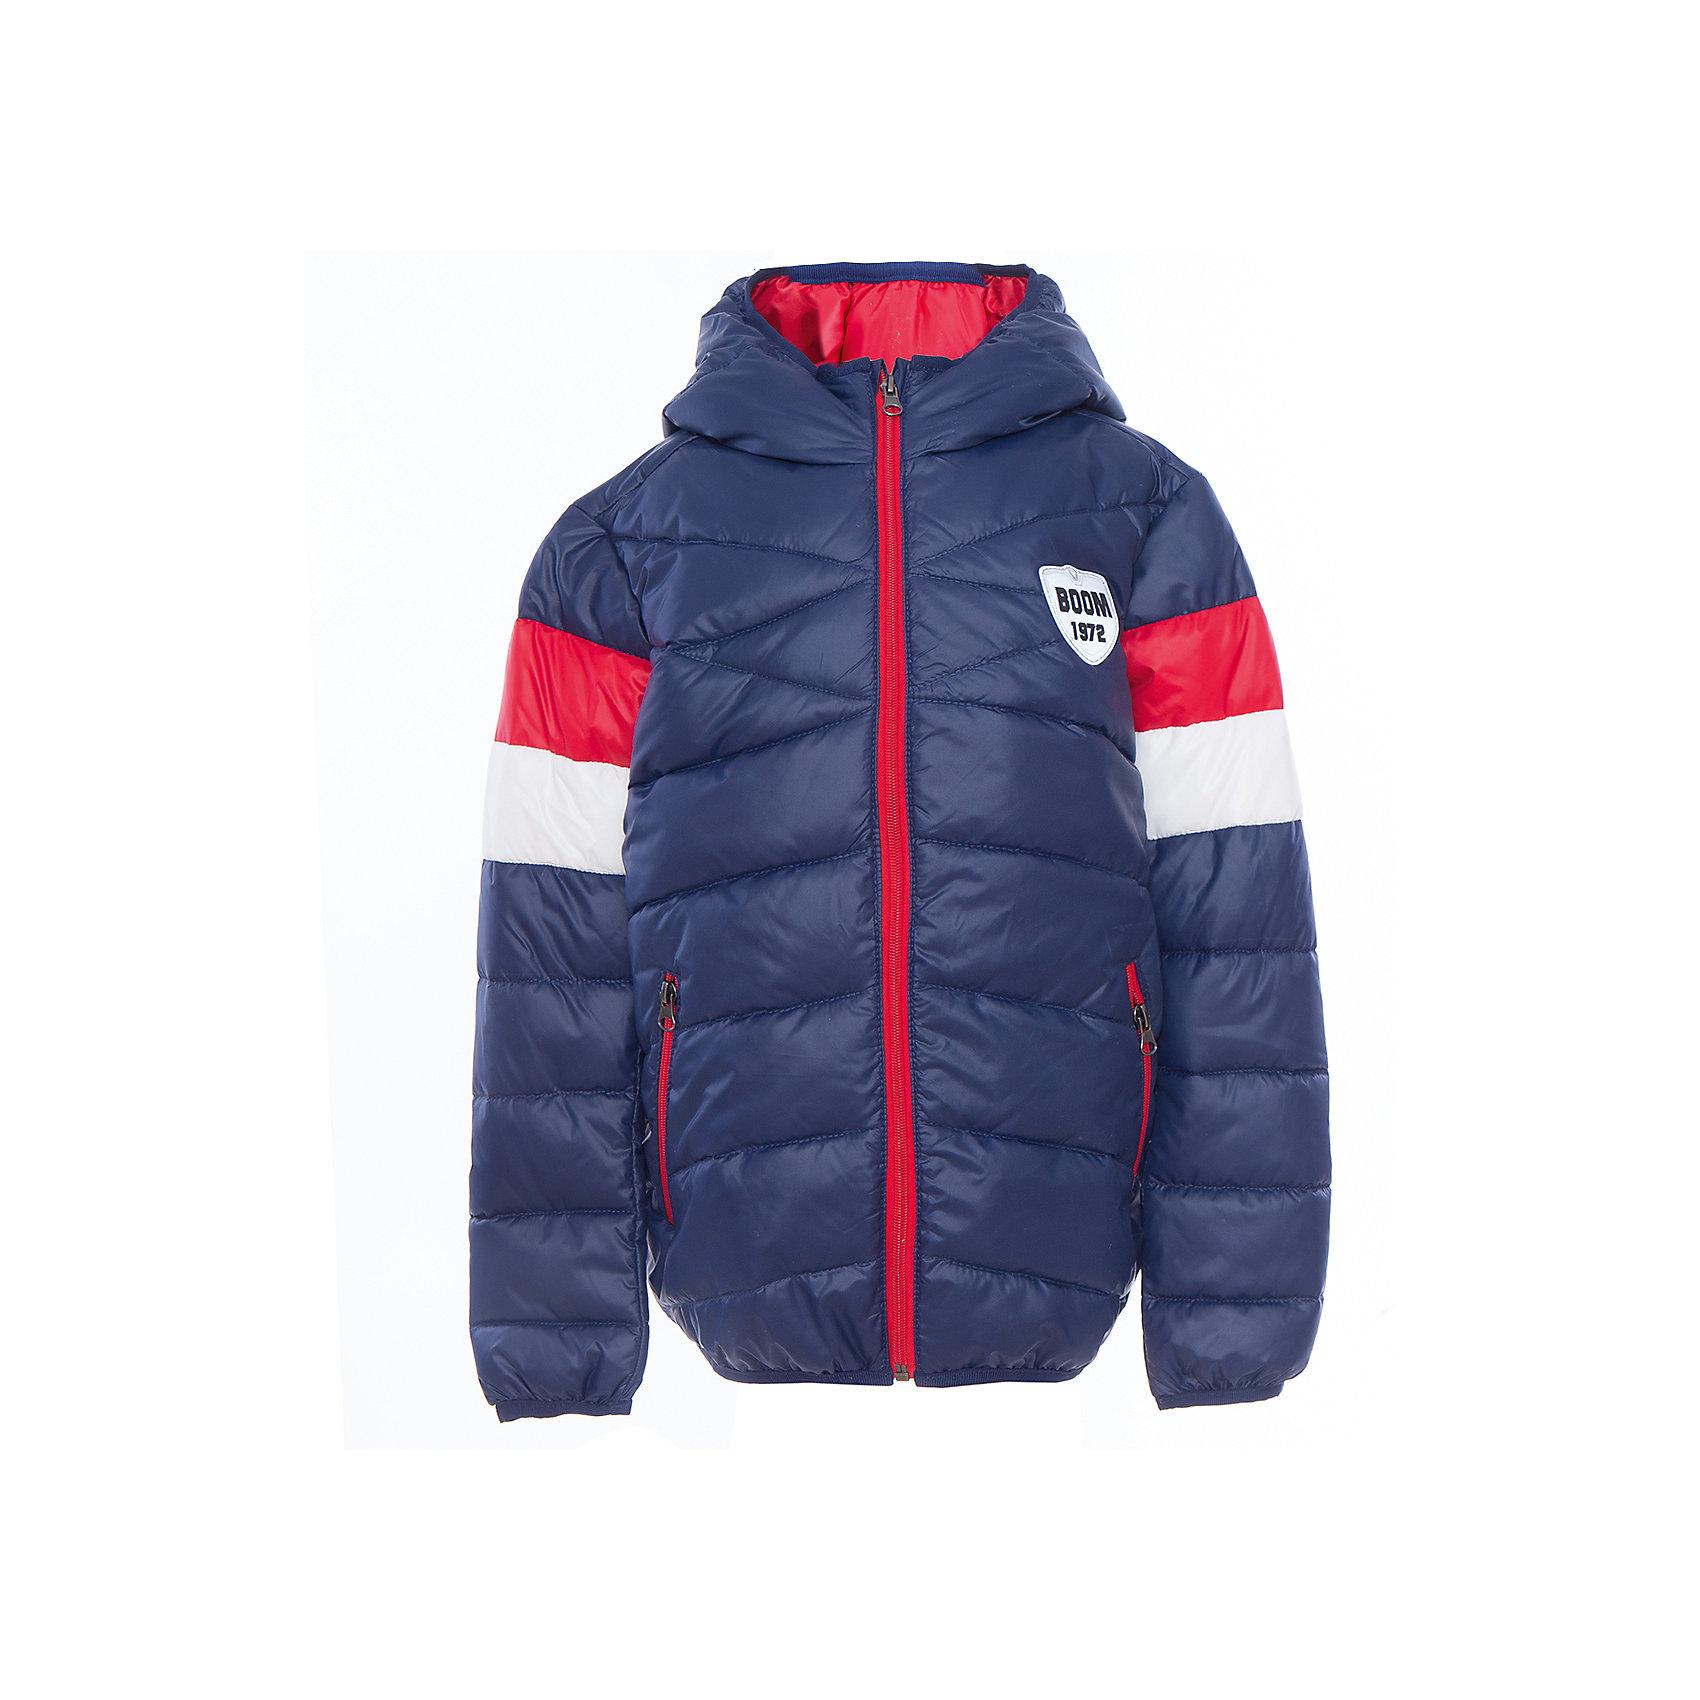 Куртка для мальчика BOOM by OrbyВерхняя одежда<br>Характеристики товара:<br><br>• цвет: синий<br>• состав: верх - болонь, подкладка - полиэстер, утеплитель: эко-синтепон 150 г/м2<br>• карманы<br>• температурный режим: от -5 С° до +10 С° <br>• капюшон не отстёгивается<br>• застежка - молния<br>• стеганая<br>• декорирована нашивкой<br>• комфортная посадка<br>• страна производства: Российская Федерация<br>• страна бренда: Российская Федерация<br>• коллекция: весна-лето 2017<br><br>Такая куртка - отличный вариант для походов в школу в межсезонье с его постоянно меняющейся погодой. Эта модель - модная и удобная одновременно! Изделие отличается стильным элегантным дизайном. Куртка хорошо сидит по фигуре, отлично сочетается с различным низом. Вещь была разработана специально для детей.<br><br>Одежда от российского бренда BOOM by Orby уже завоевала популярностью у многих детей и их родителей. Вещи, выпускаемые компанией, качественные, продуманные и очень удобные. Для производства коллекций используются только безопасные для детей материалы. Спешите приобрести модели из новой коллекции Весна-лето 2017! <br><br>Куртку для мальчика от бренда BOOM by Orby можно купить в нашем интернет-магазине.<br><br>Ширина мм: 356<br>Глубина мм: 10<br>Высота мм: 245<br>Вес г: 519<br>Цвет: синий<br>Возраст от месяцев: 36<br>Возраст до месяцев: 48<br>Пол: Мужской<br>Возраст: Детский<br>Размер: 104,158,110,98,116,122,128,134,140,146,152<br>SKU: 5342676